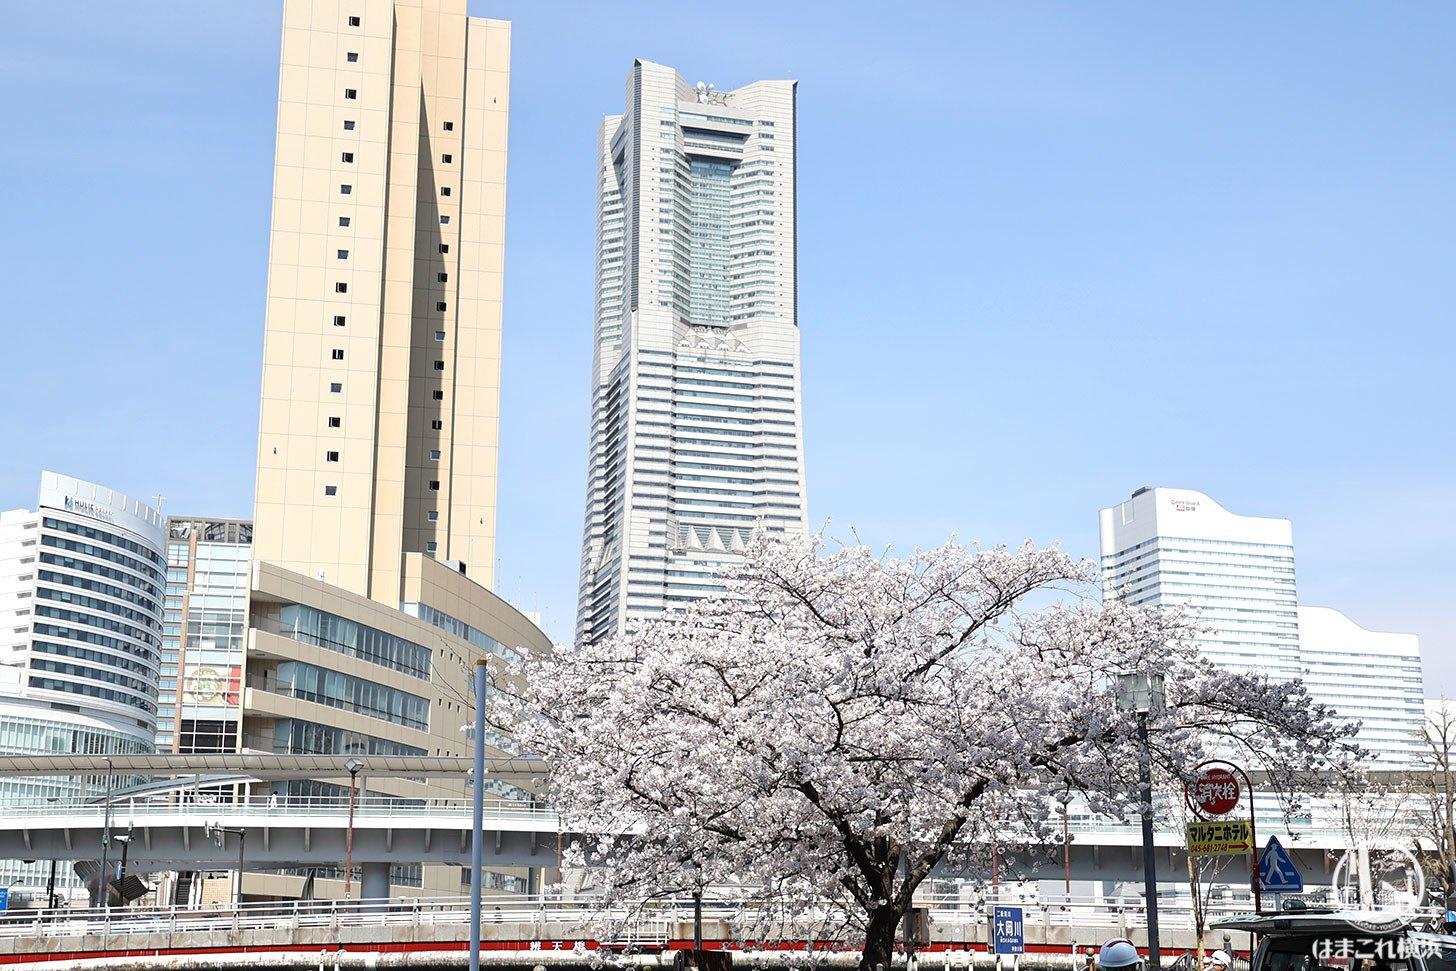 大江橋から見た横浜ランドマークタワー